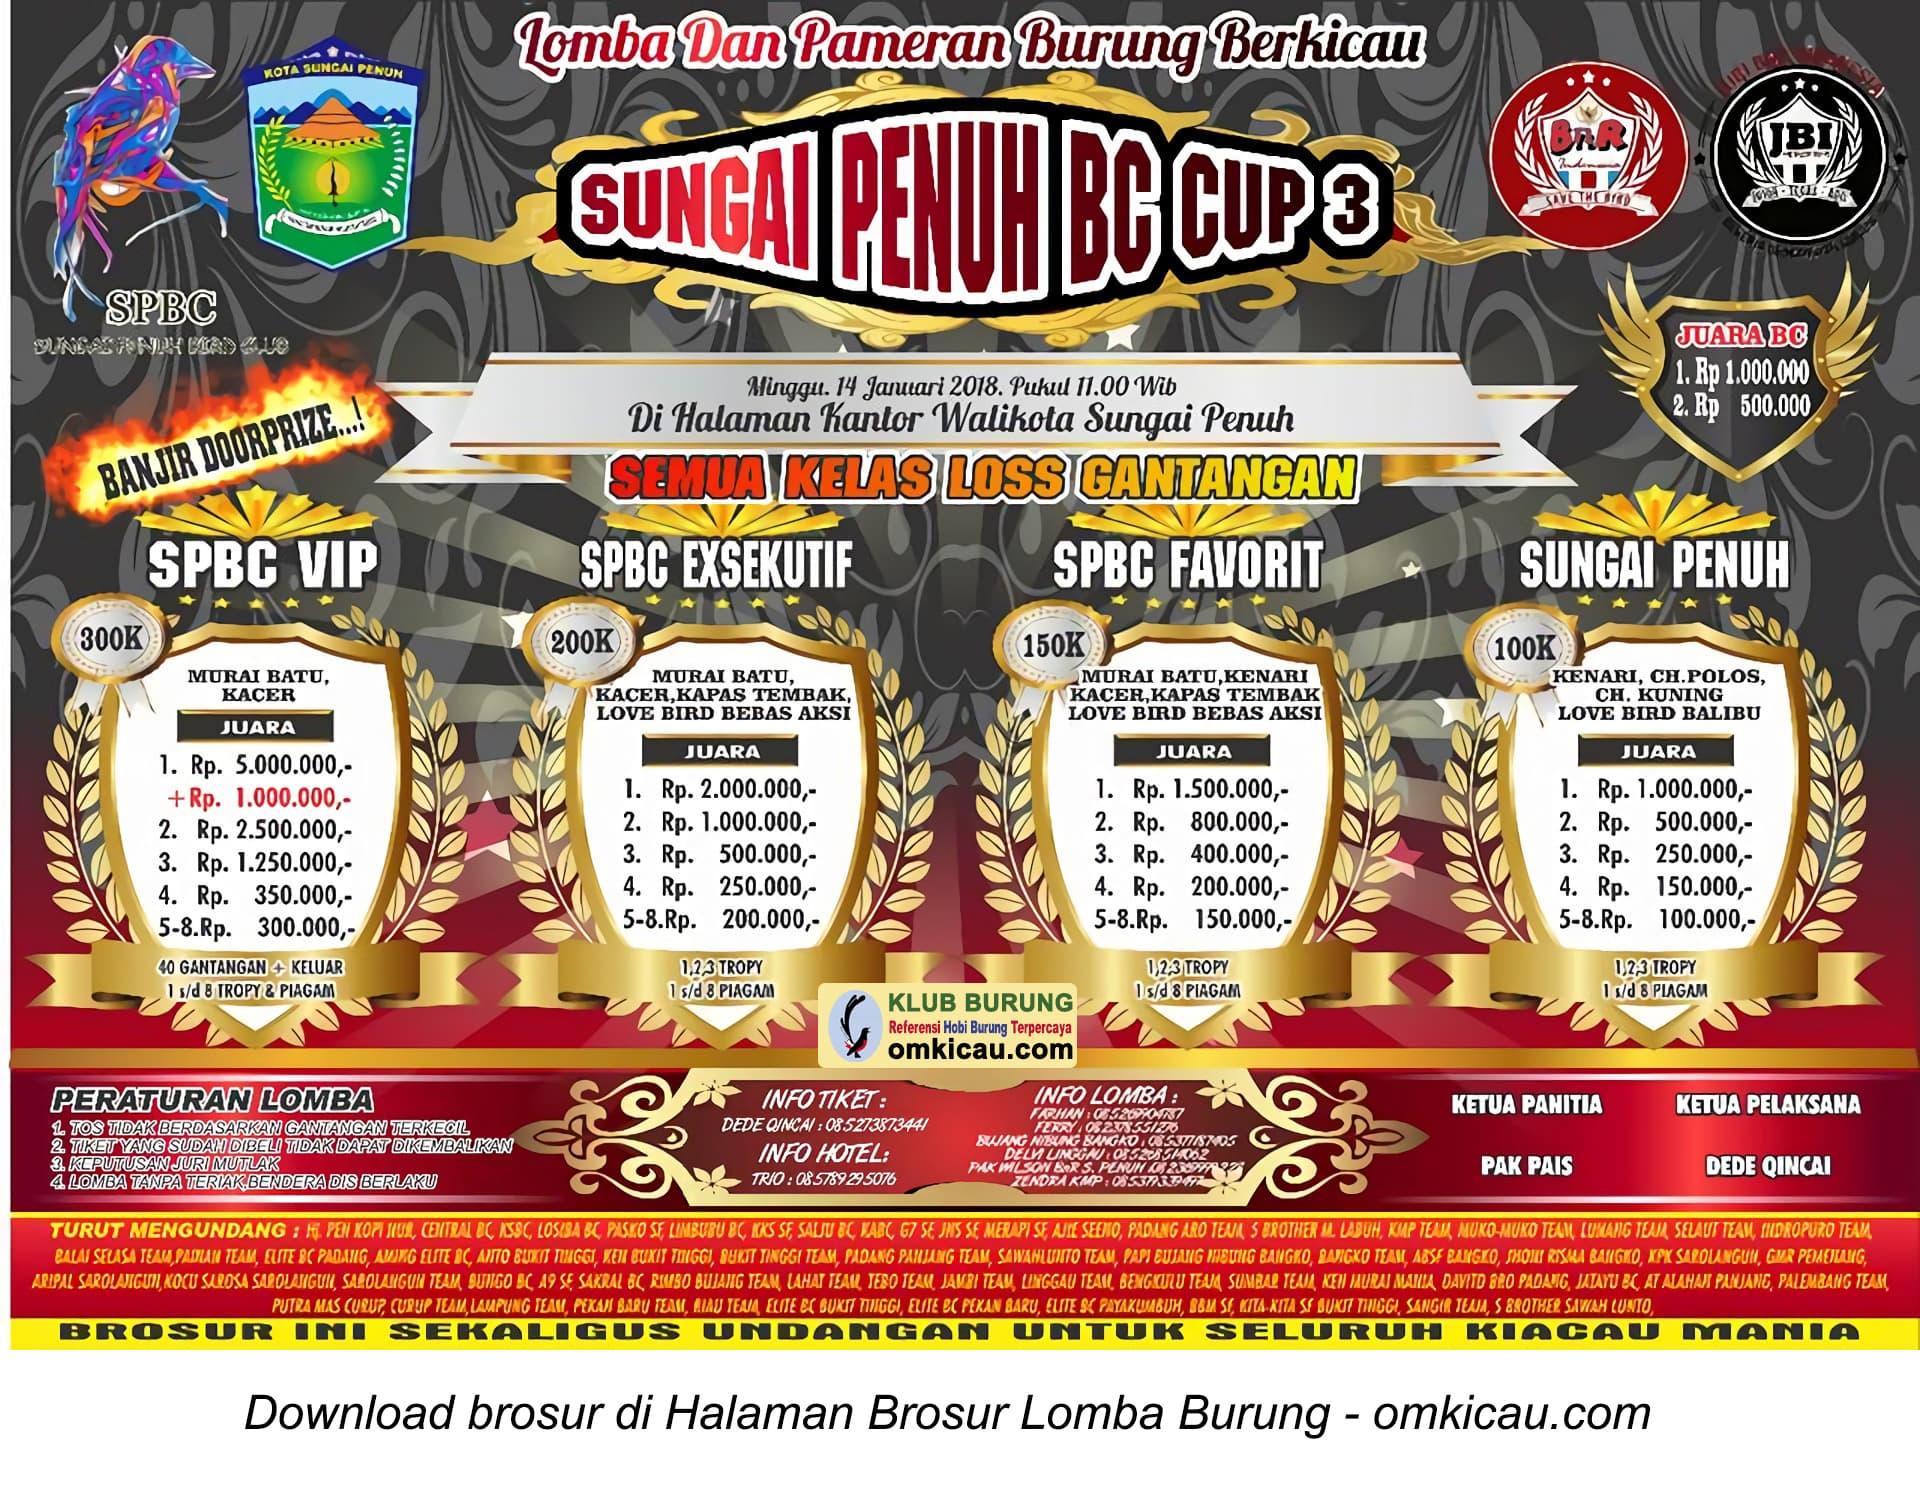 Sungai Penuh BC Cup 3